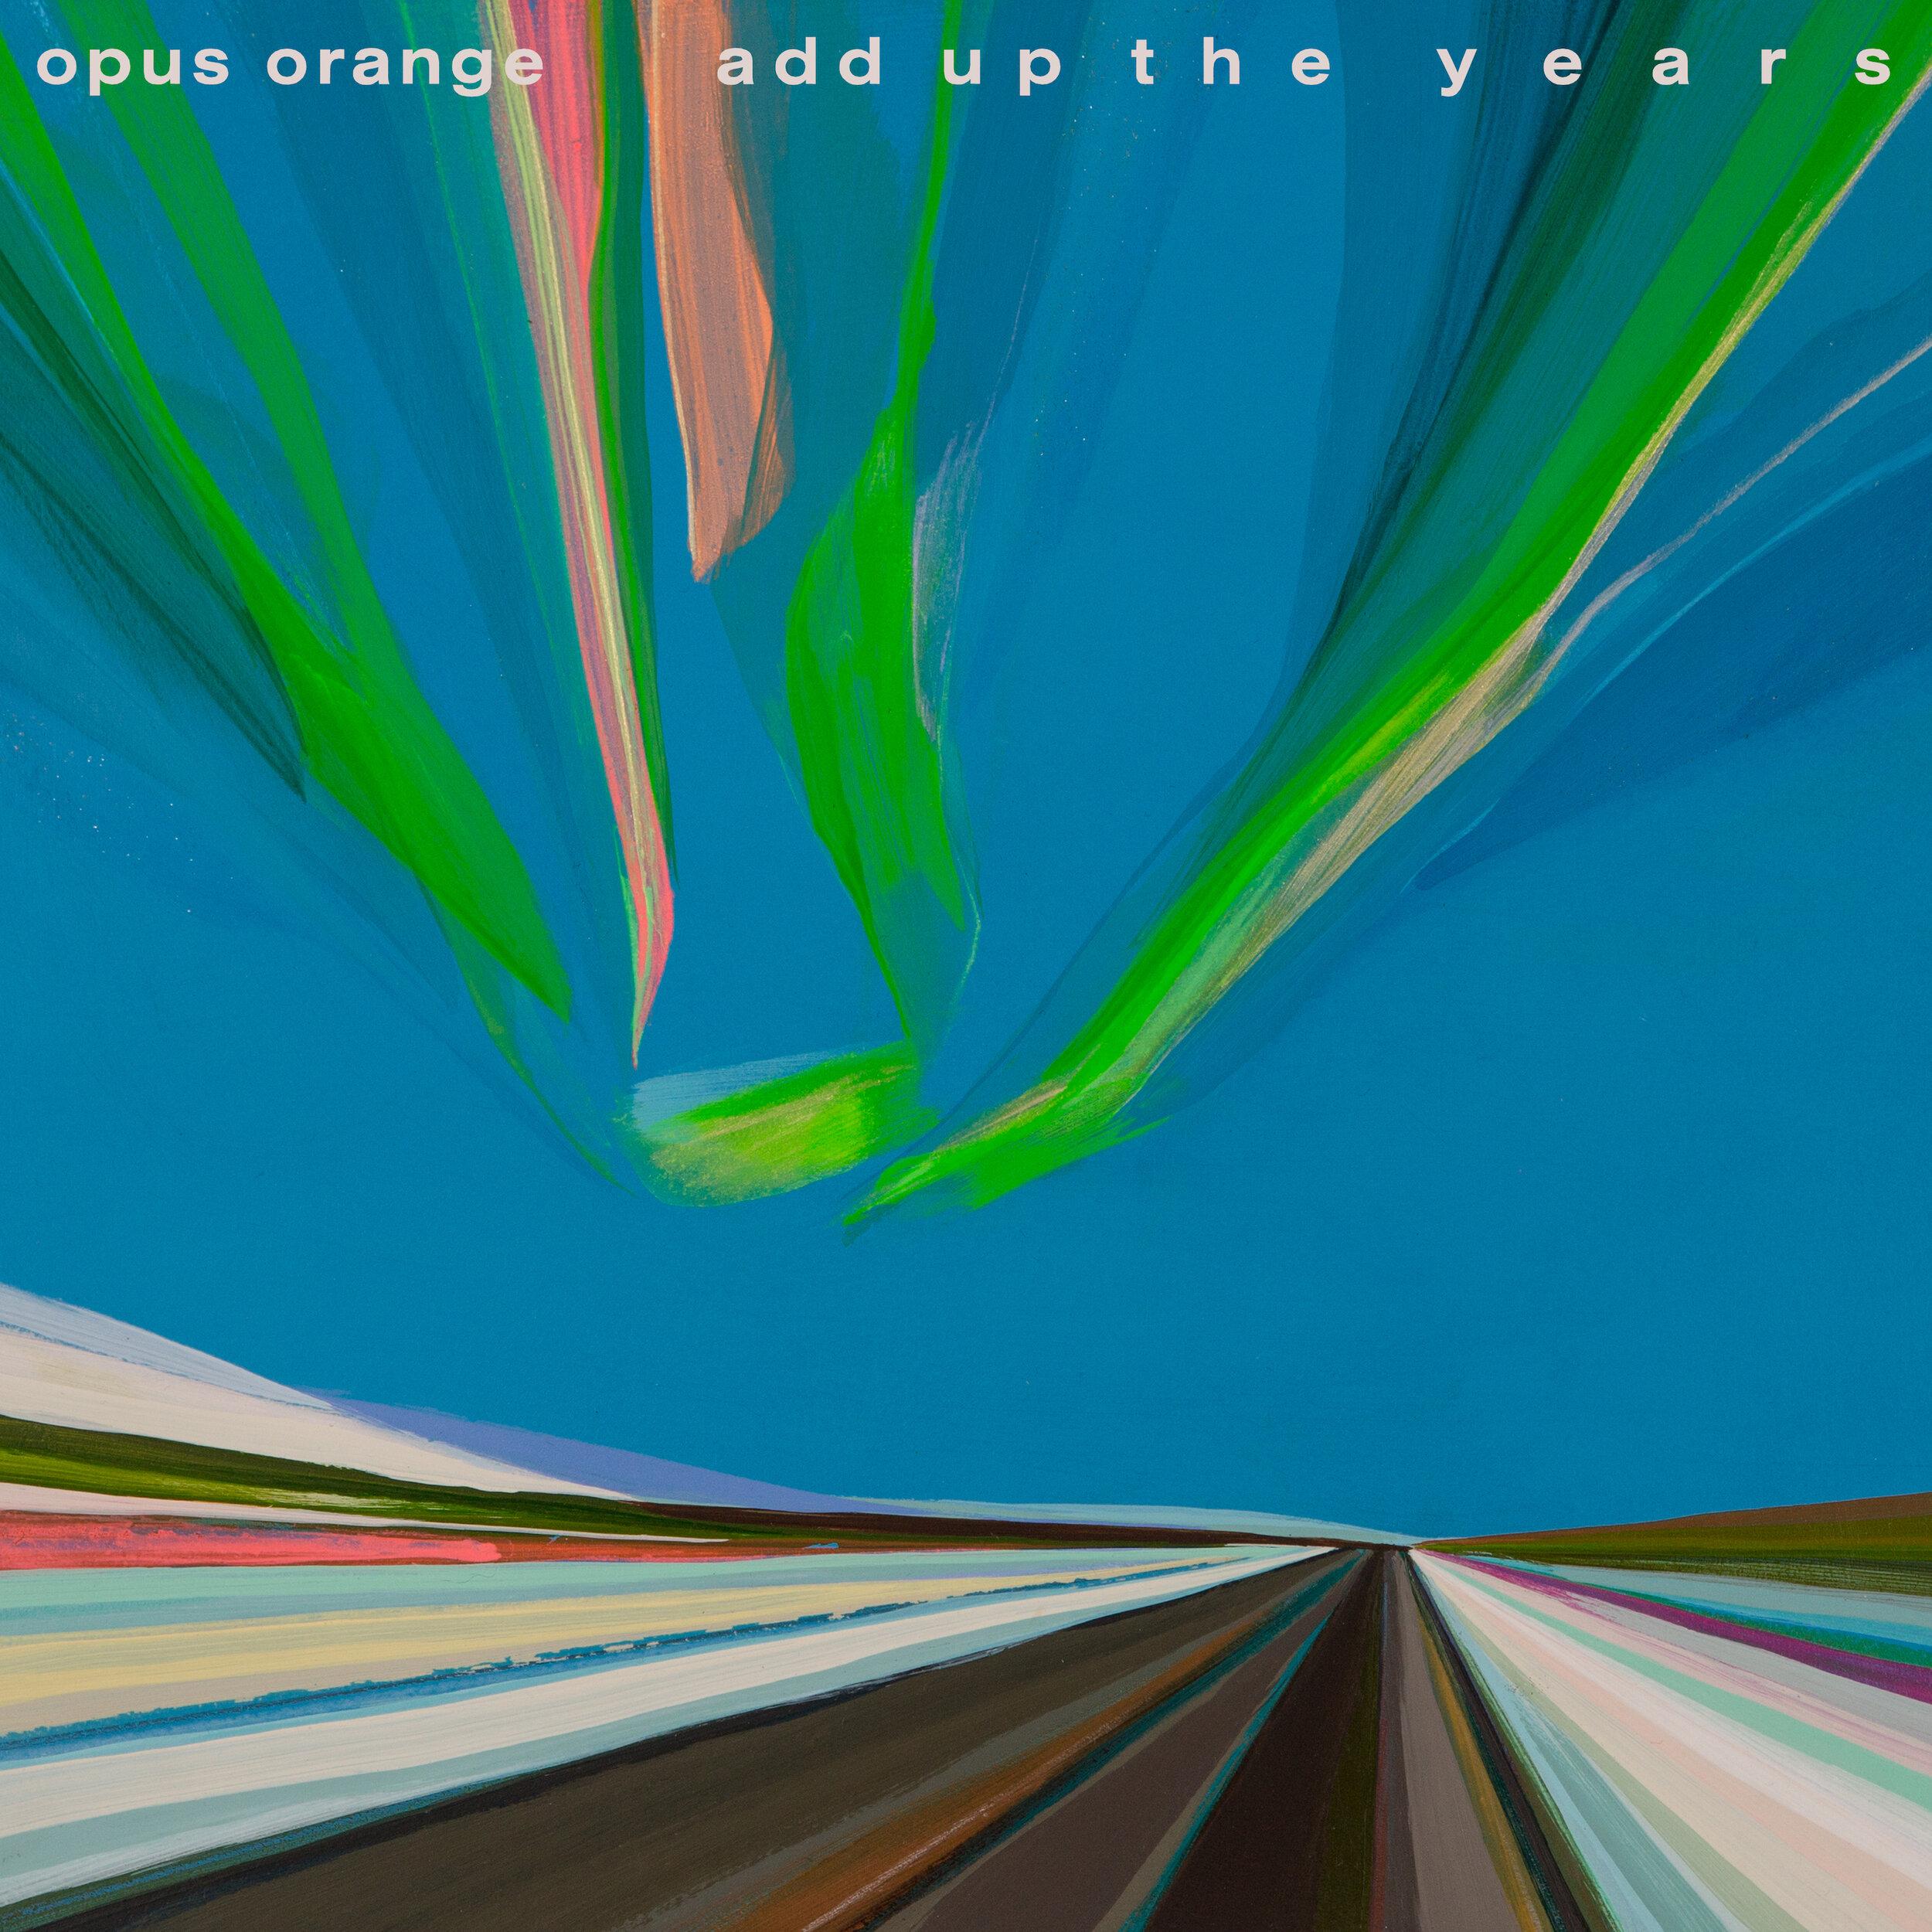 Opus drop in